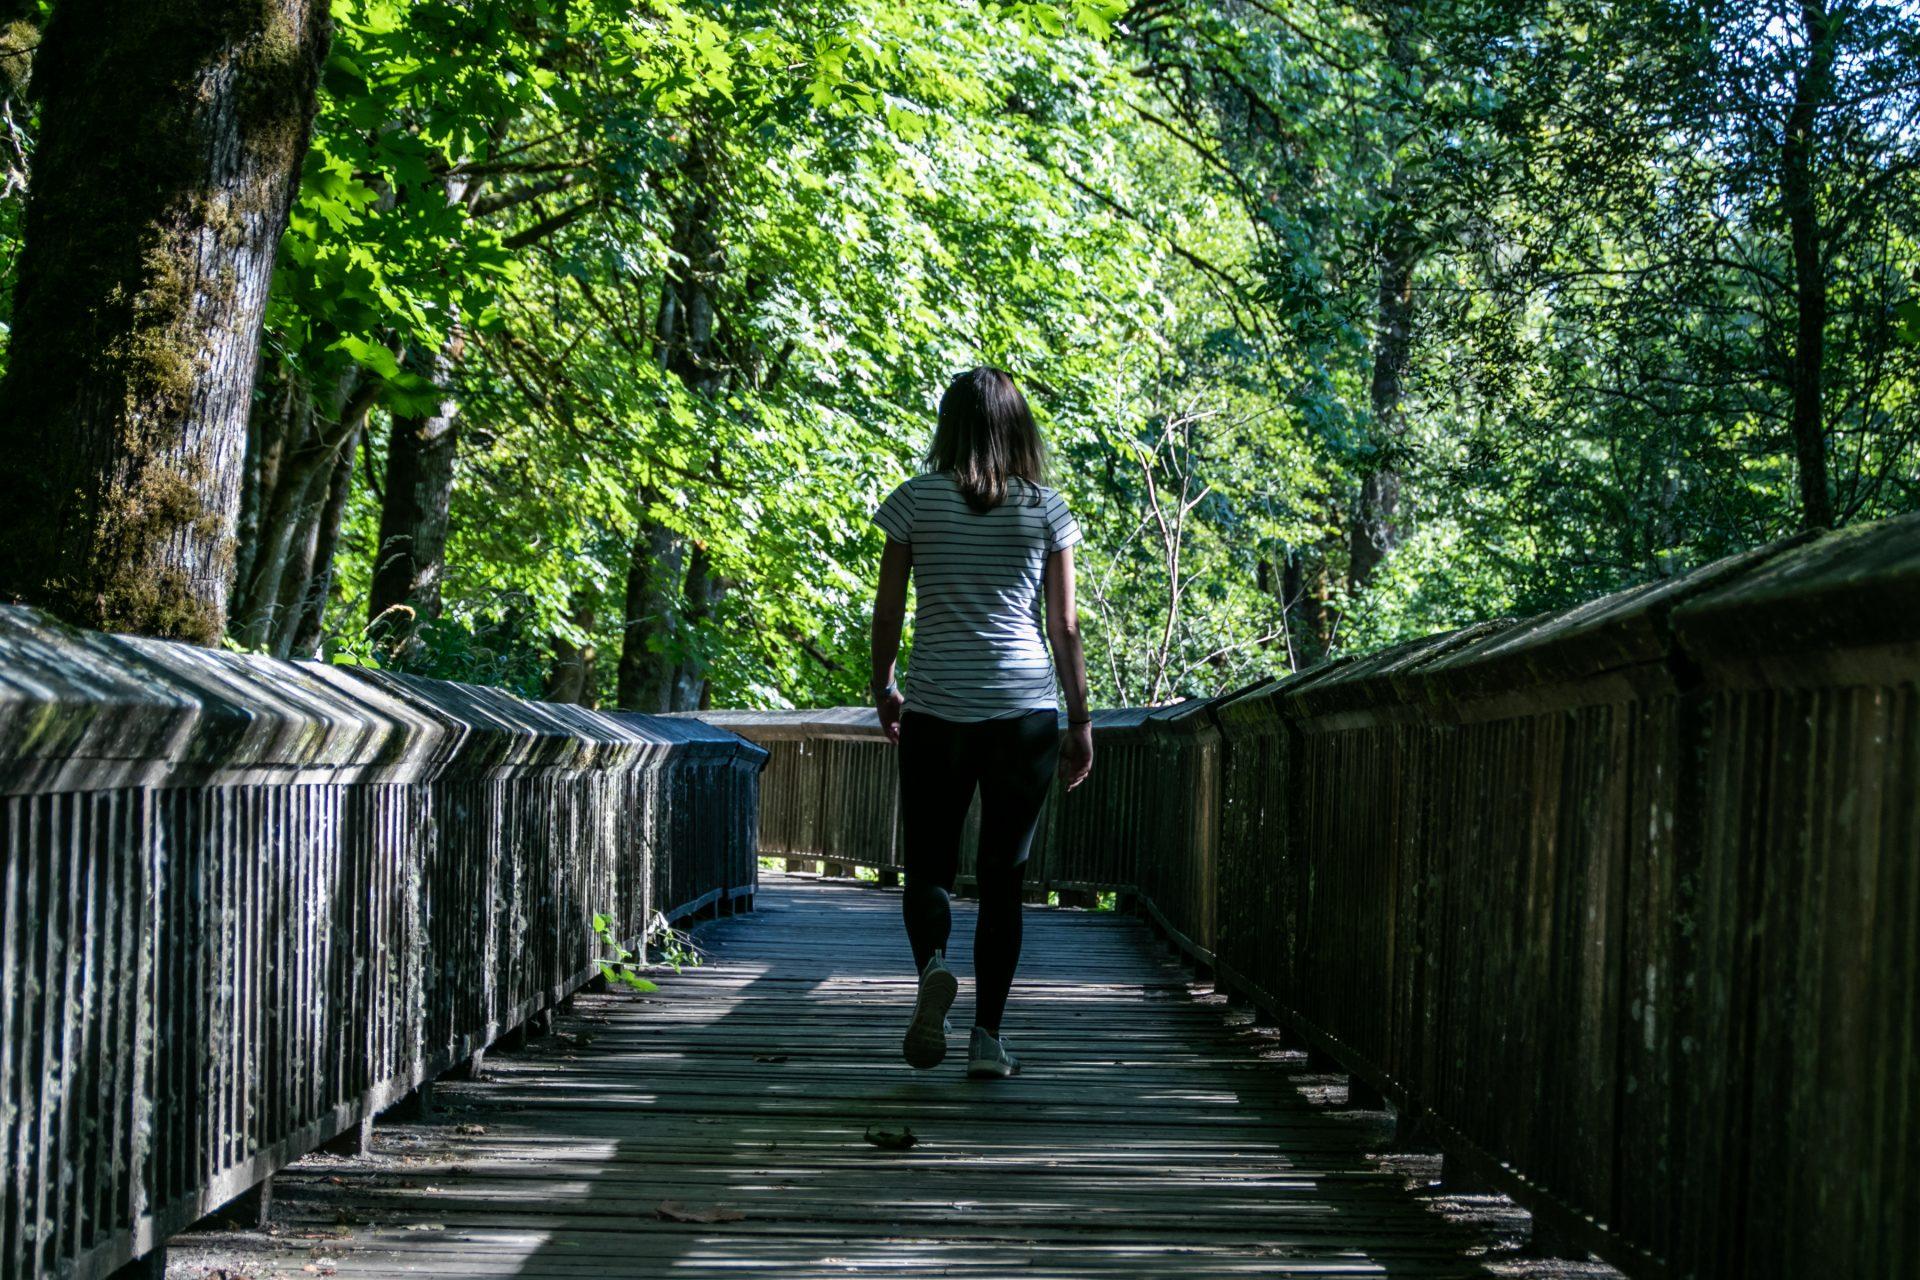 Woman Walking Down Wooden Boardwalk Between Trees